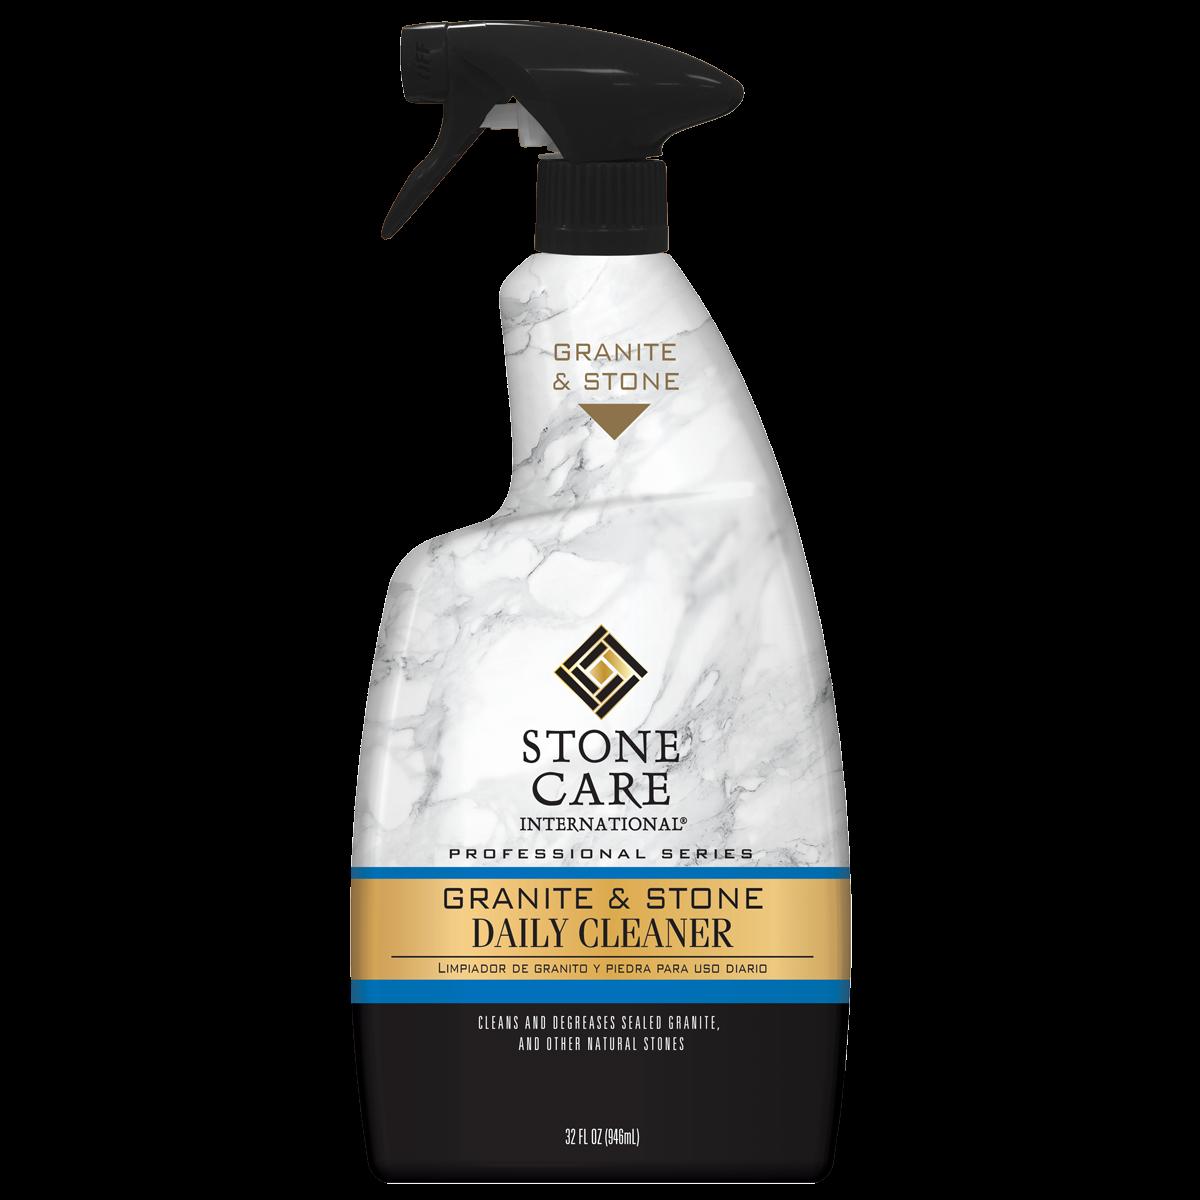 Granite & Stone Daily Cleaner